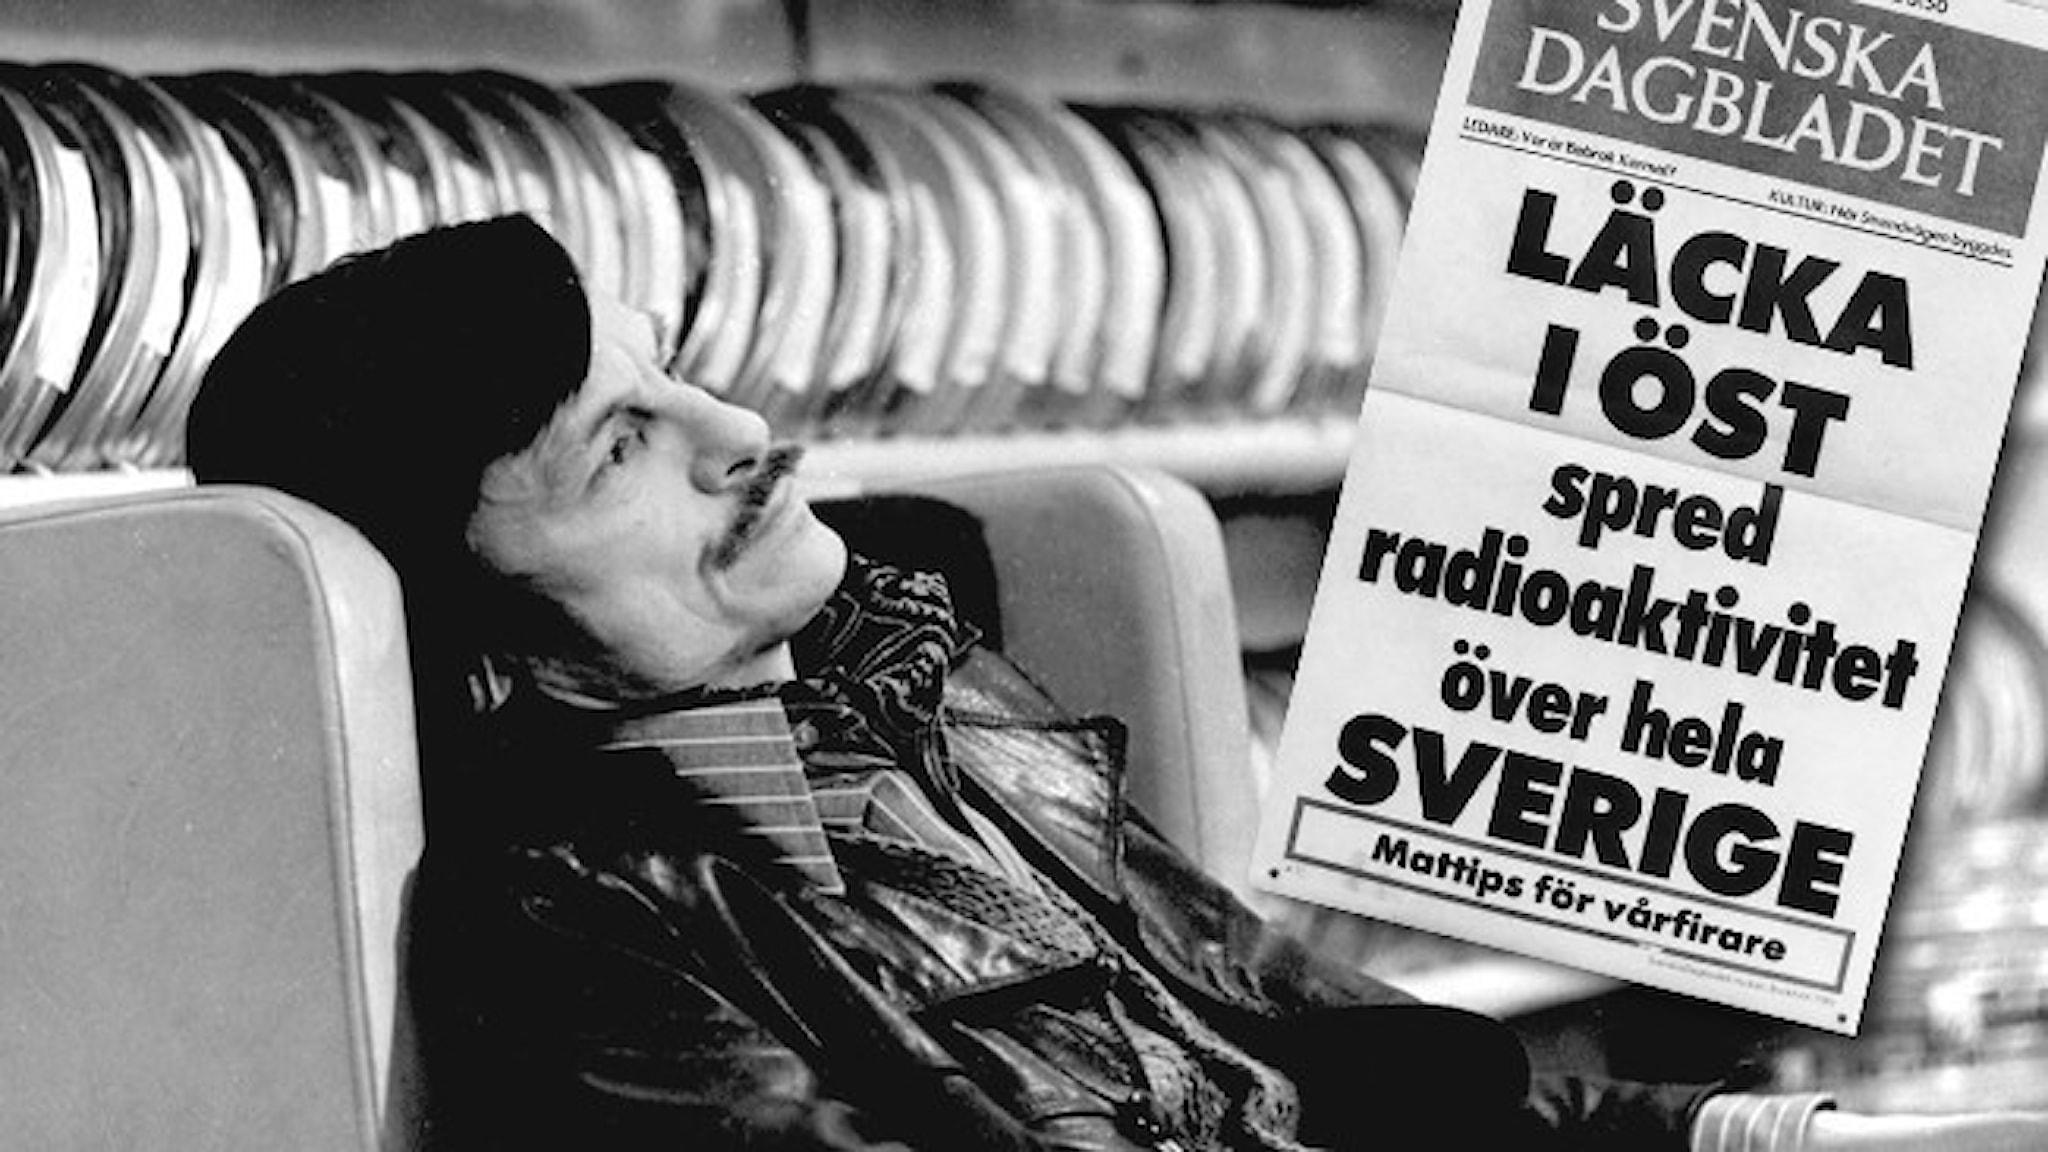 """Svartvit bild: Regissören Andrej Tarkovskij halvligger i en fåtölj. Infällt i bilden är Svenska dagbladets löpsedel från 1986: """"Läcka i öst spred radioaktivitet över hela Sverige""""."""